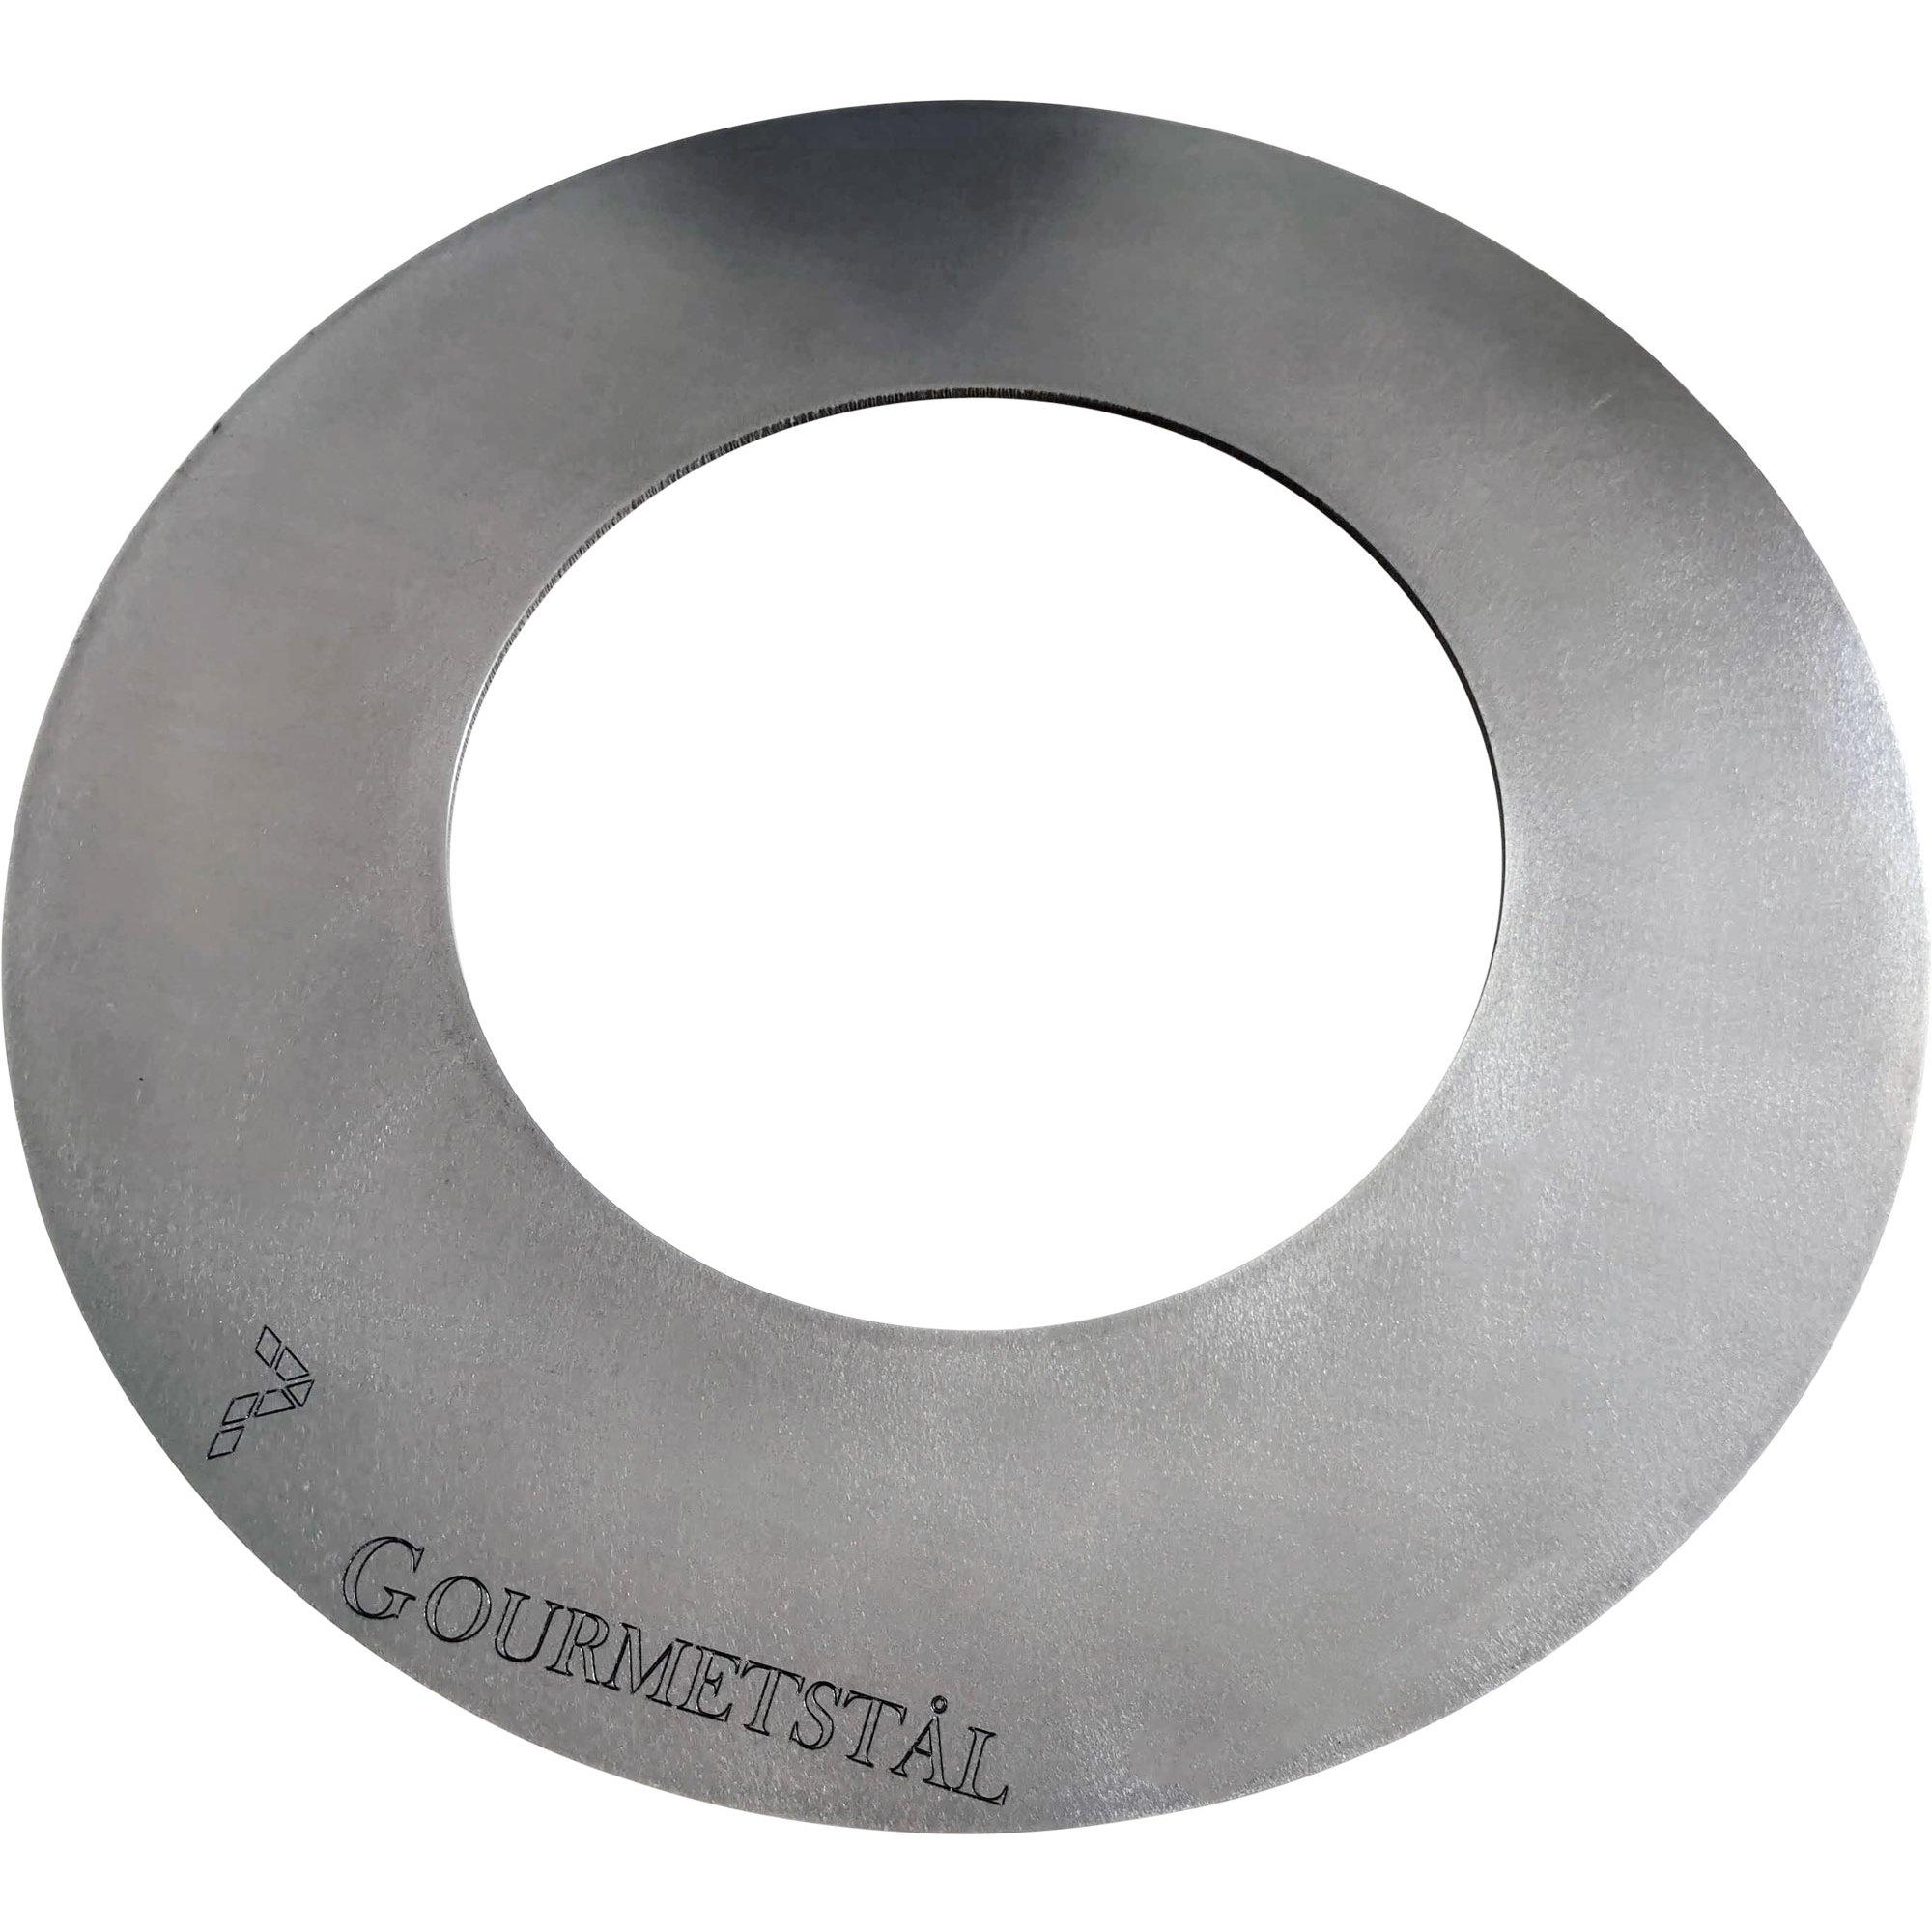 Gourmetstål BBQ Ring grillplatta till kolgrill